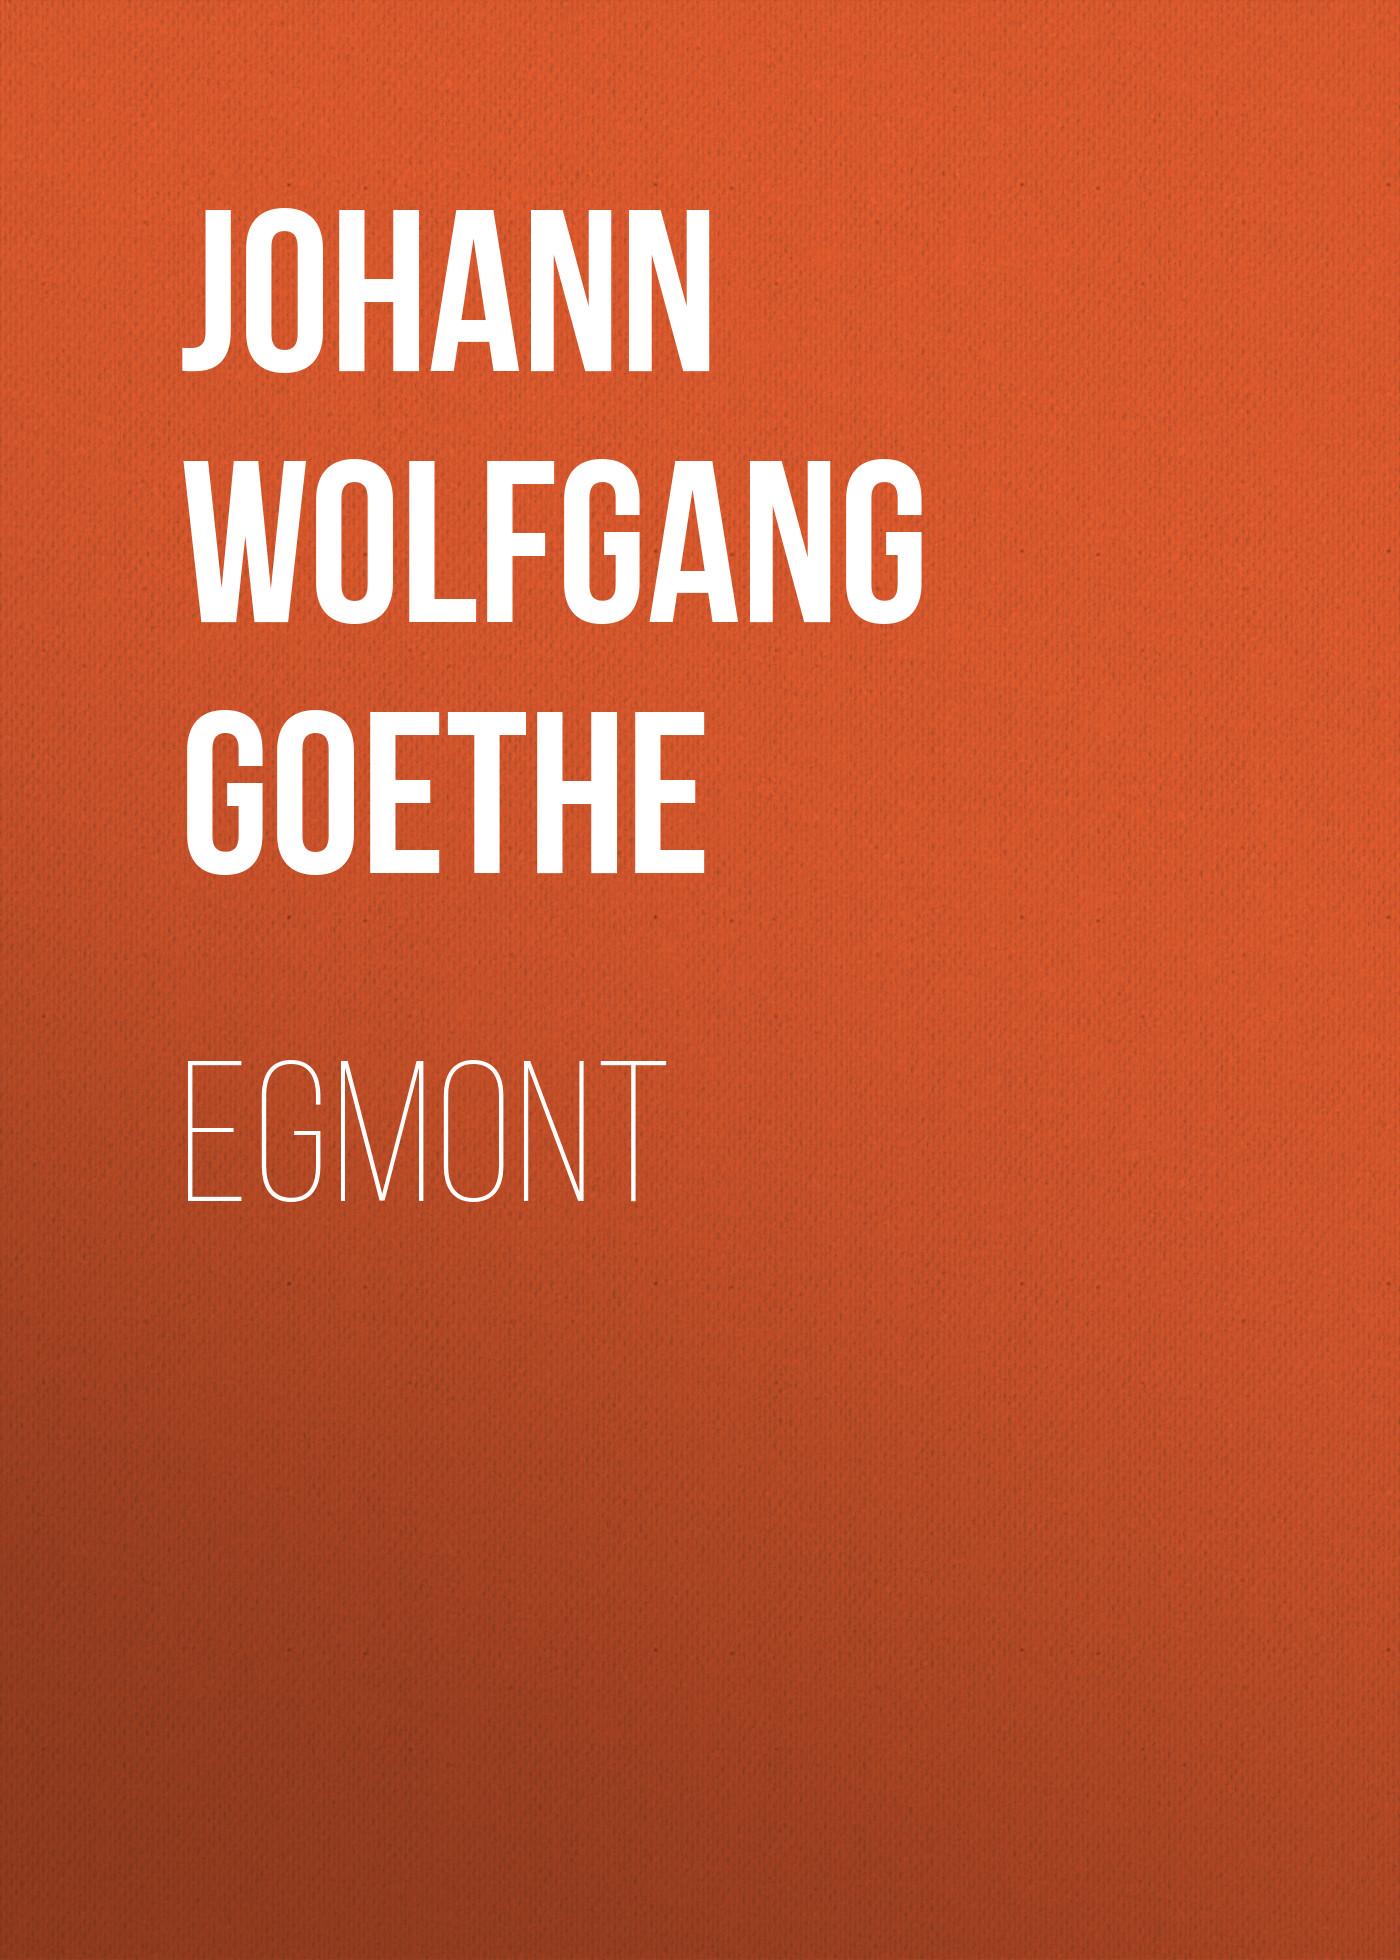 Иоганн Вольфганг фон Гёте Egmont иоганн вольфганг фон гёте faust фауст часть первая книга для чтения на немецком языке